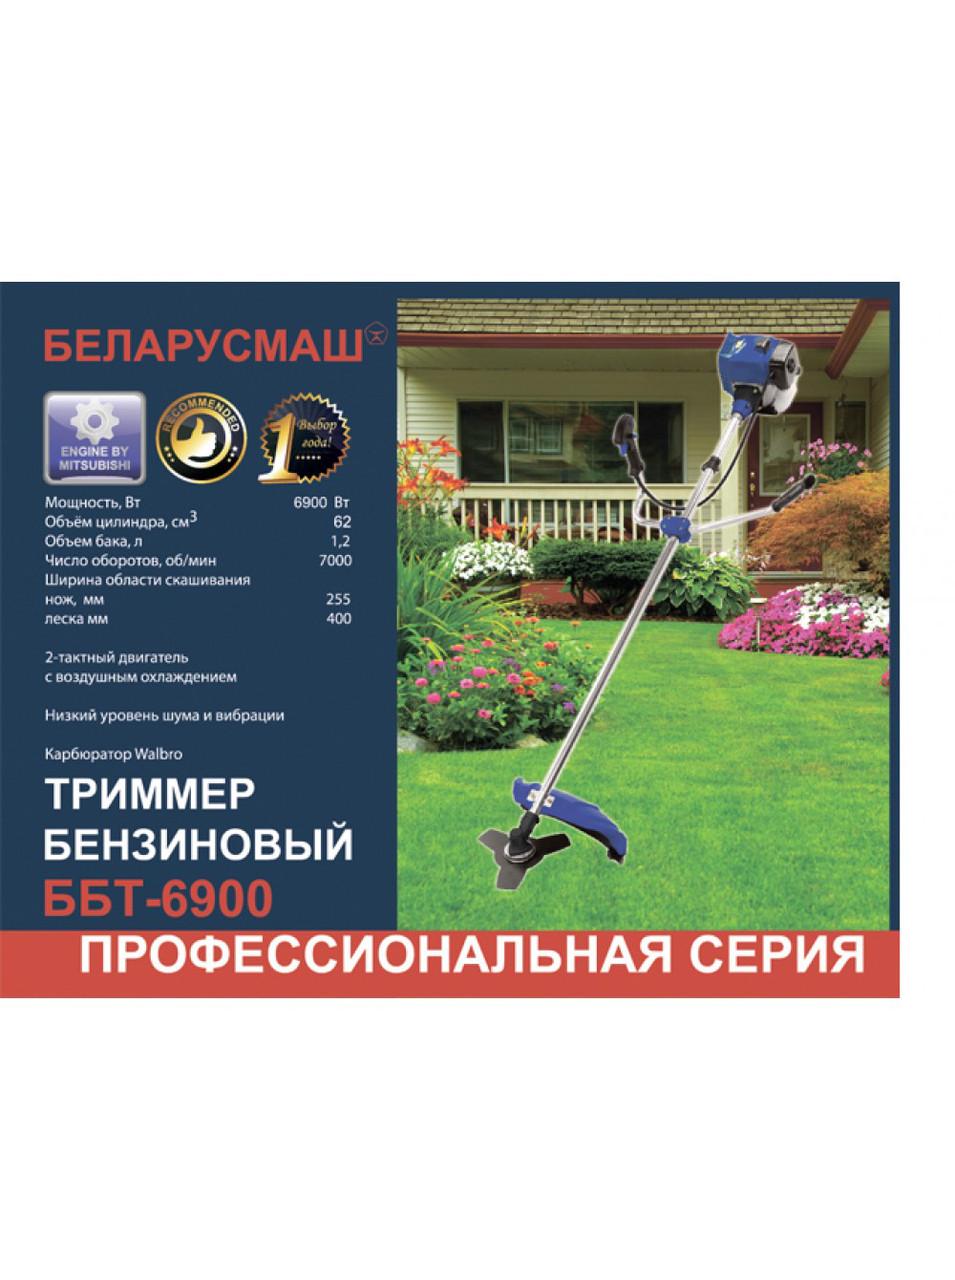 Бензокоса Беларусмаш 6900 п/п (4 диска / 3 бабины 2 ремня)